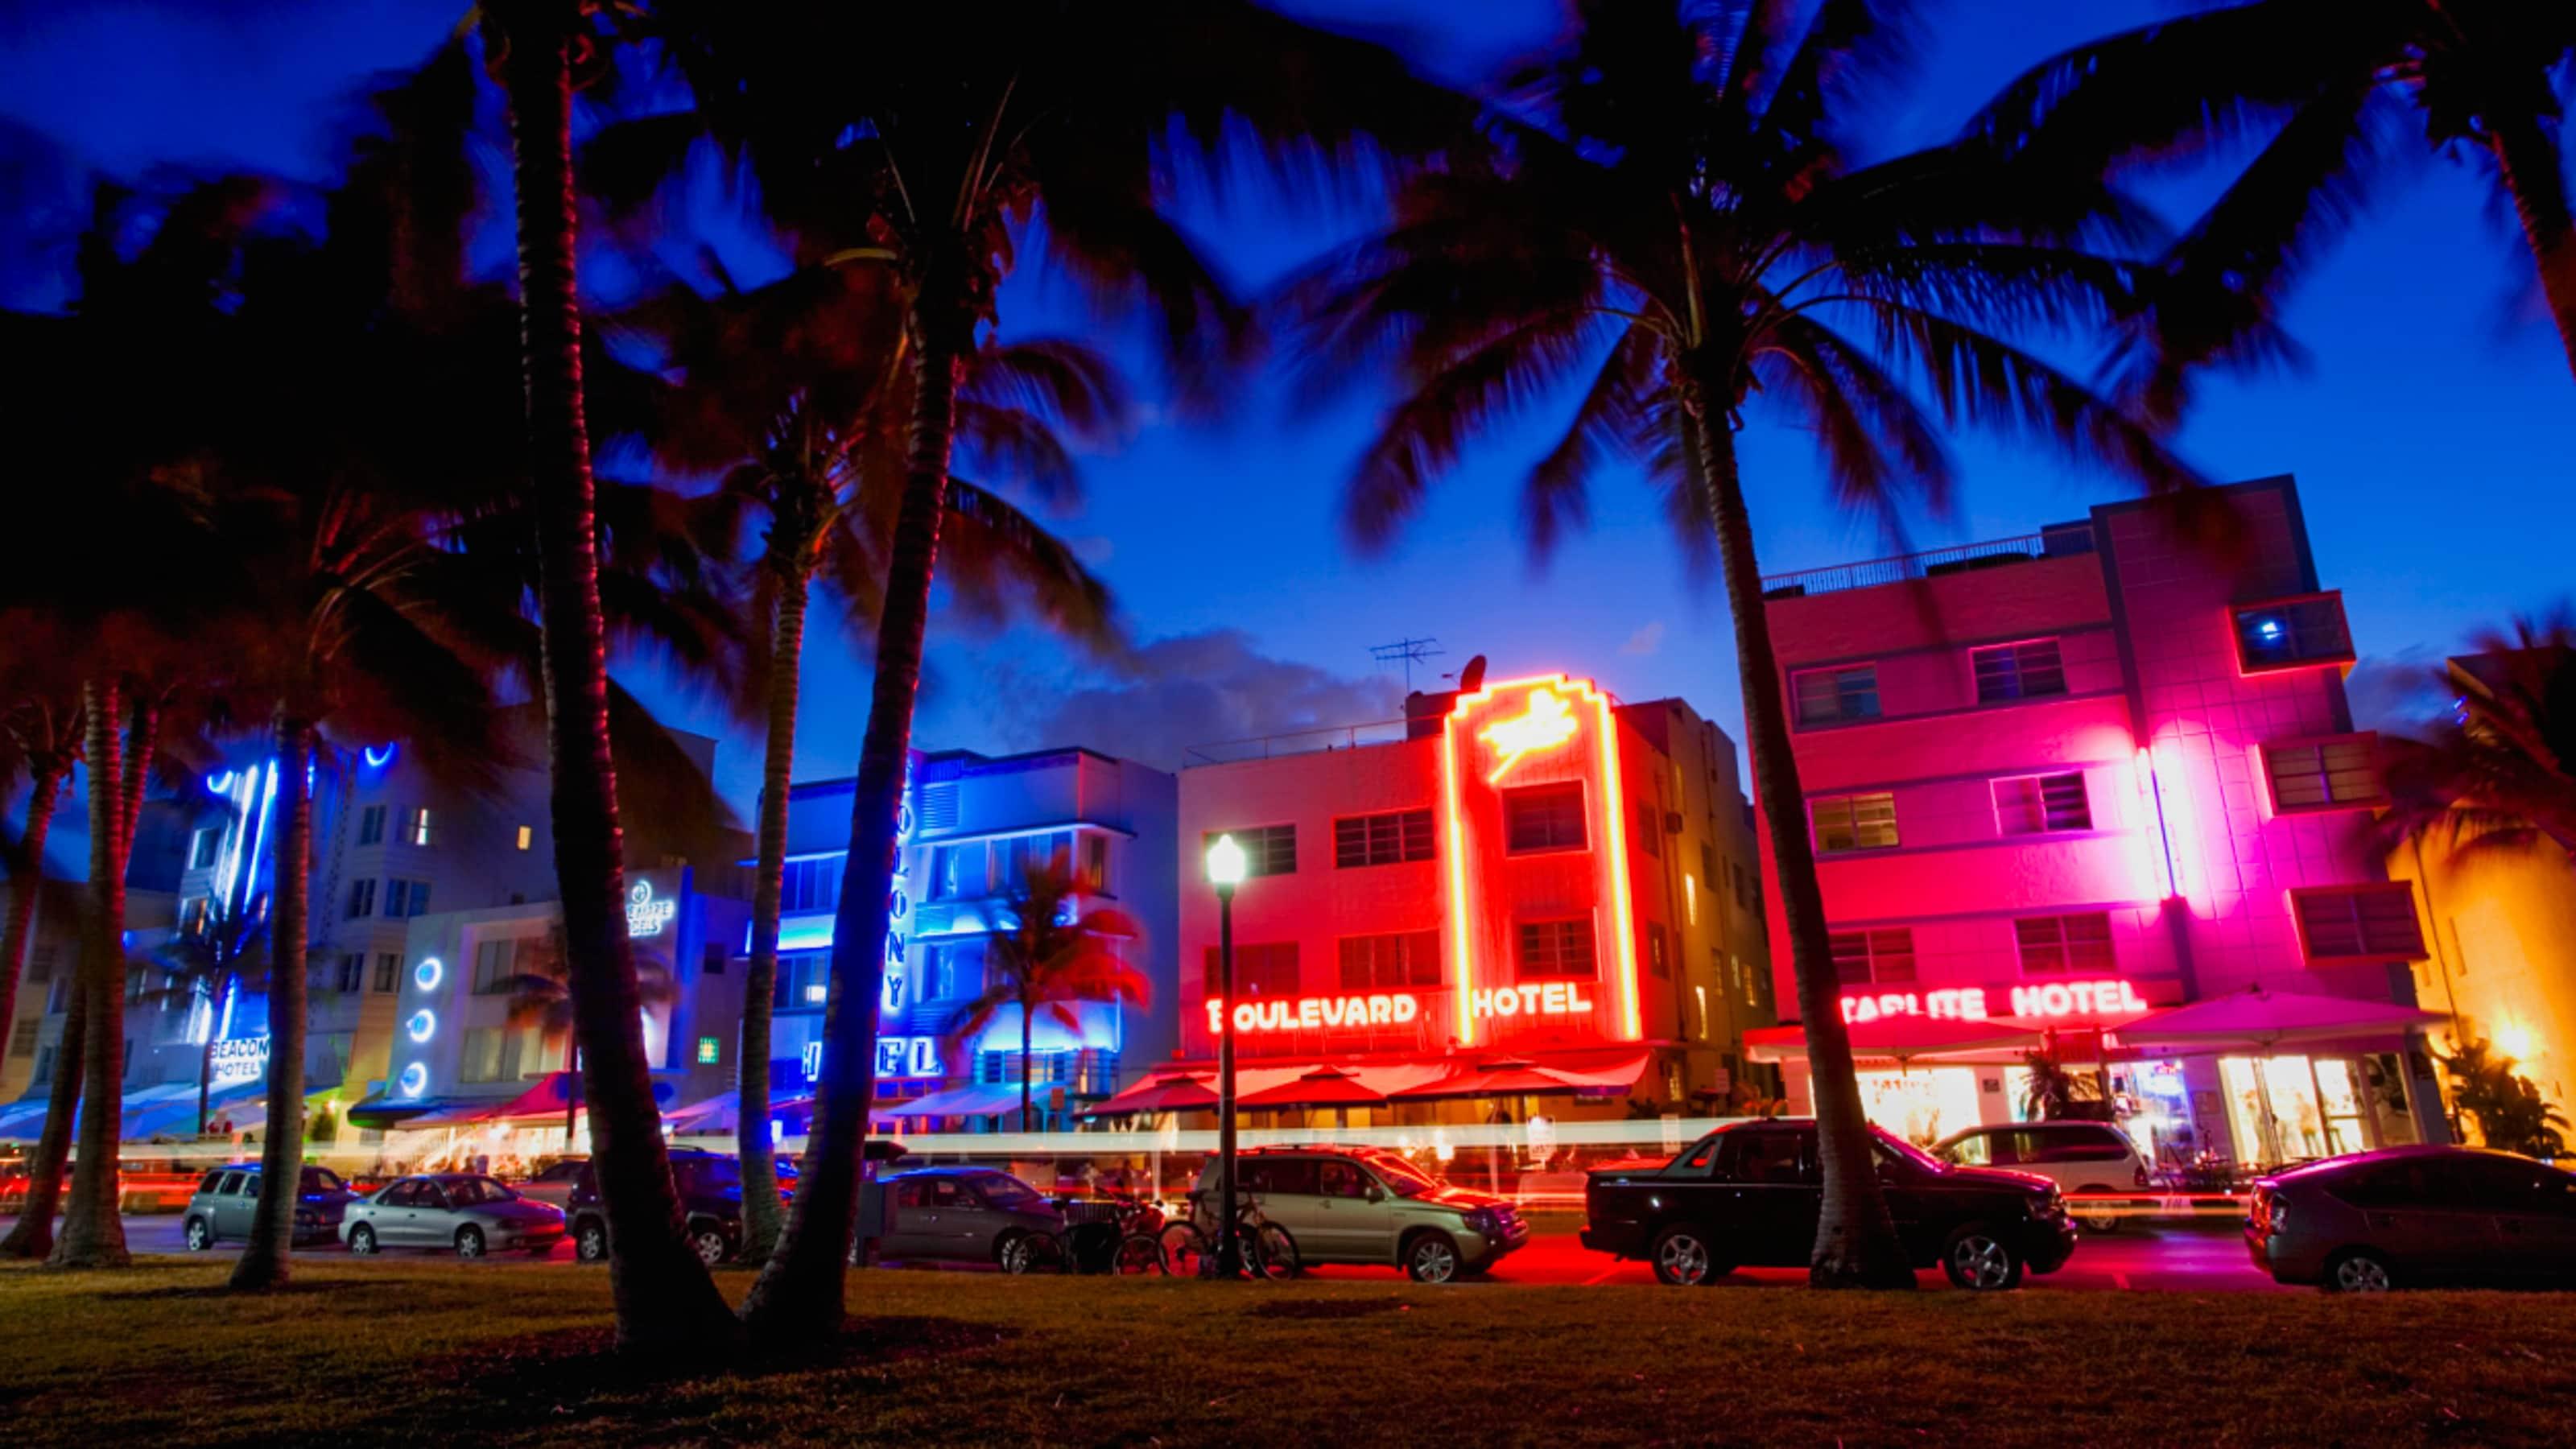 Des palmiers et des voitures près d'hôtels illuminés par des néons à Miami, Floride, dans la nuit